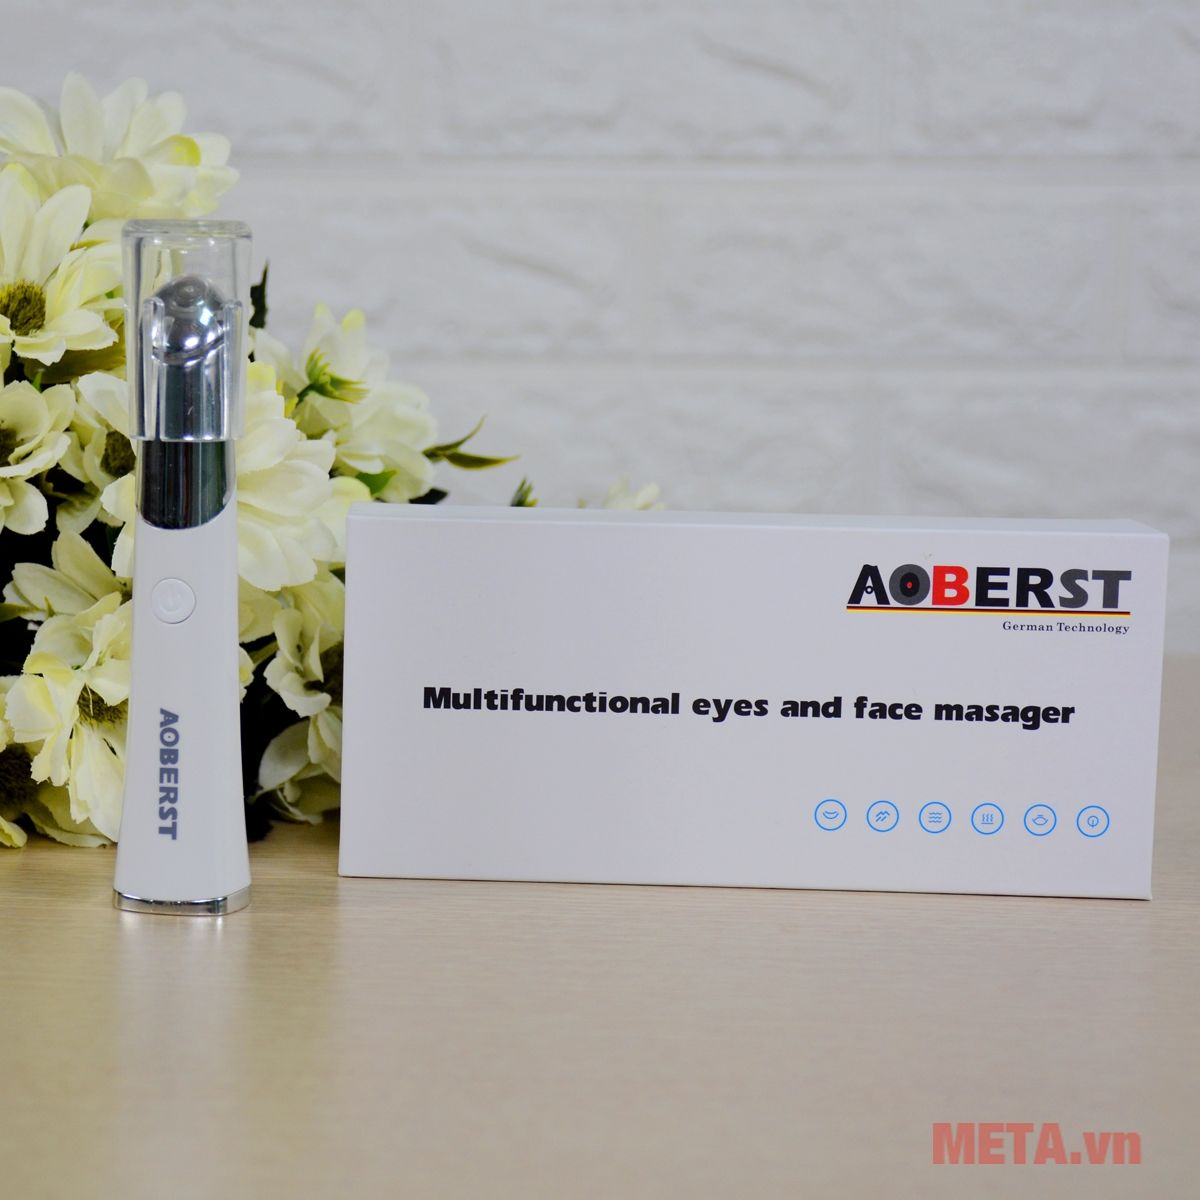 Máy massage mắt Aoberst giúp giảm quầng thâm mắt